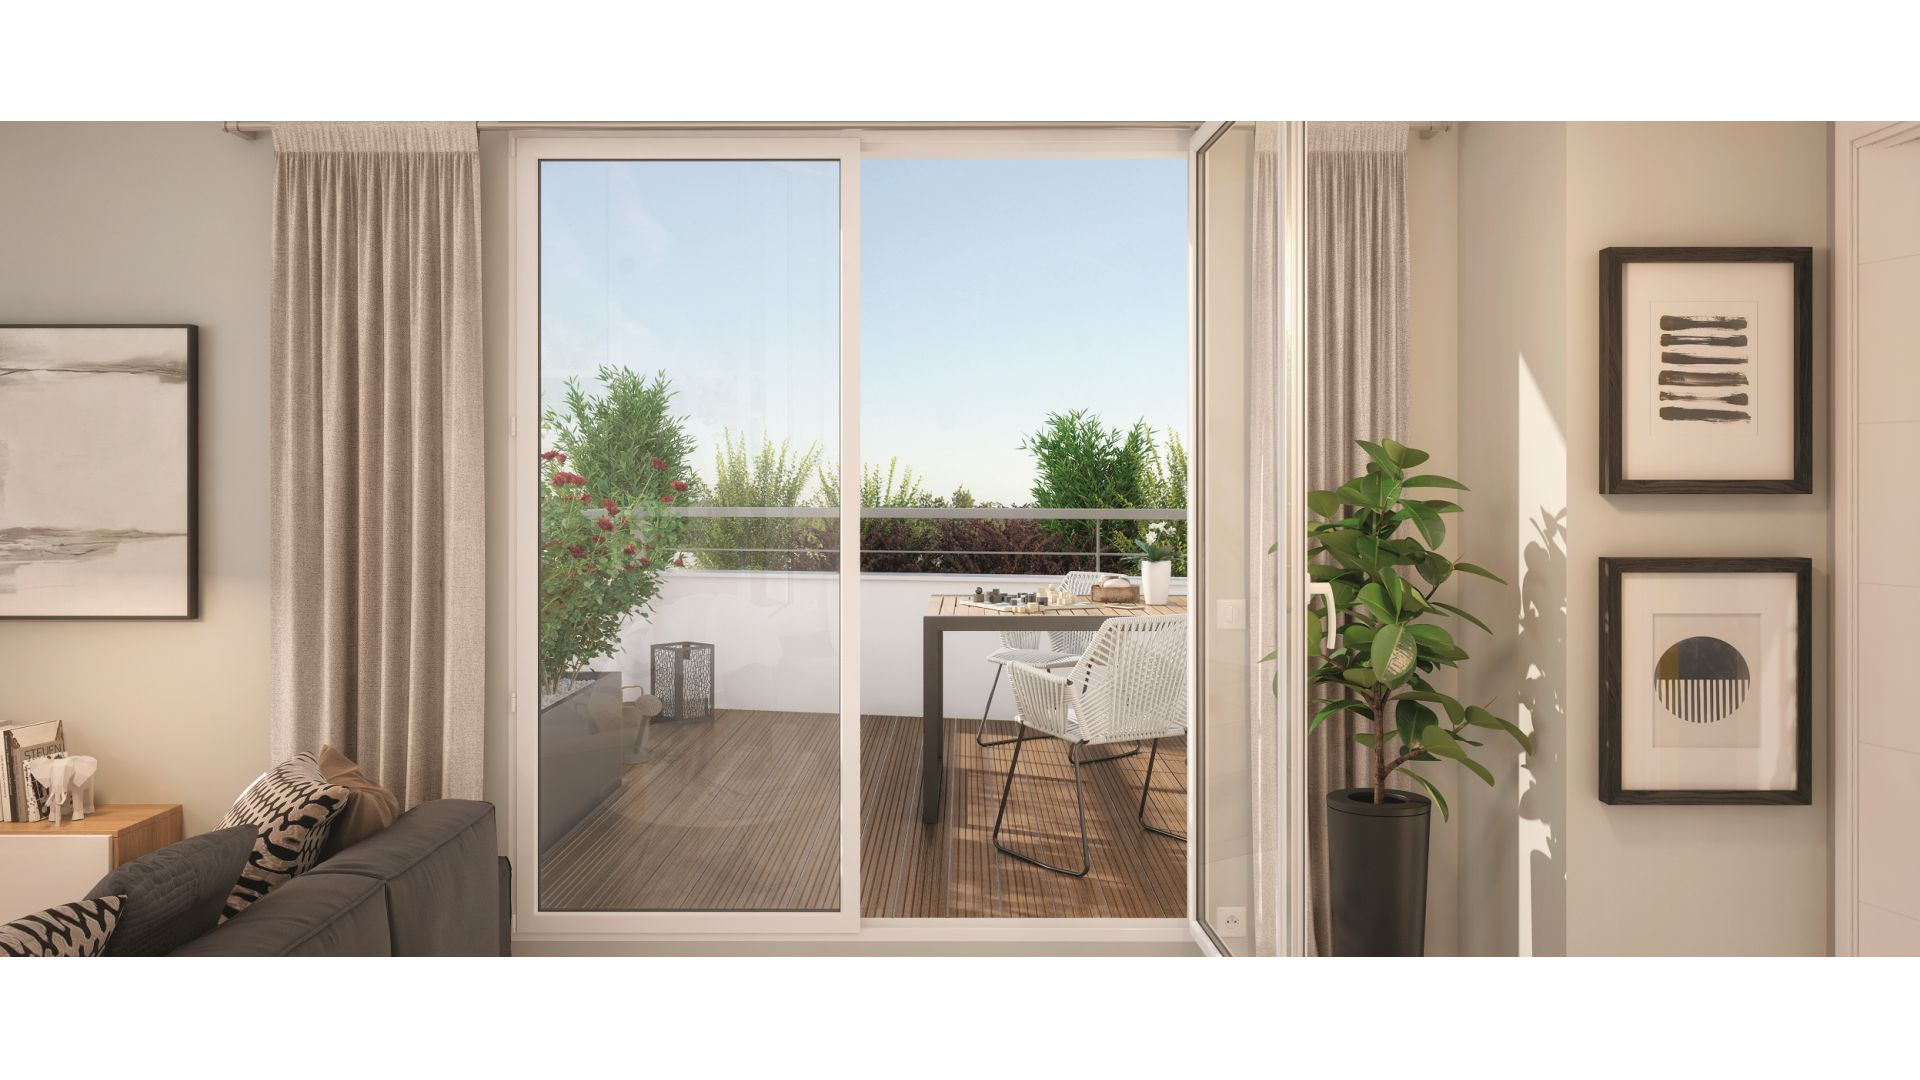 GreenCity immobilier - Toulouse rangueil 31400 - Le clos Juliette - appartements du T2 au T3duplex - vue terrasse